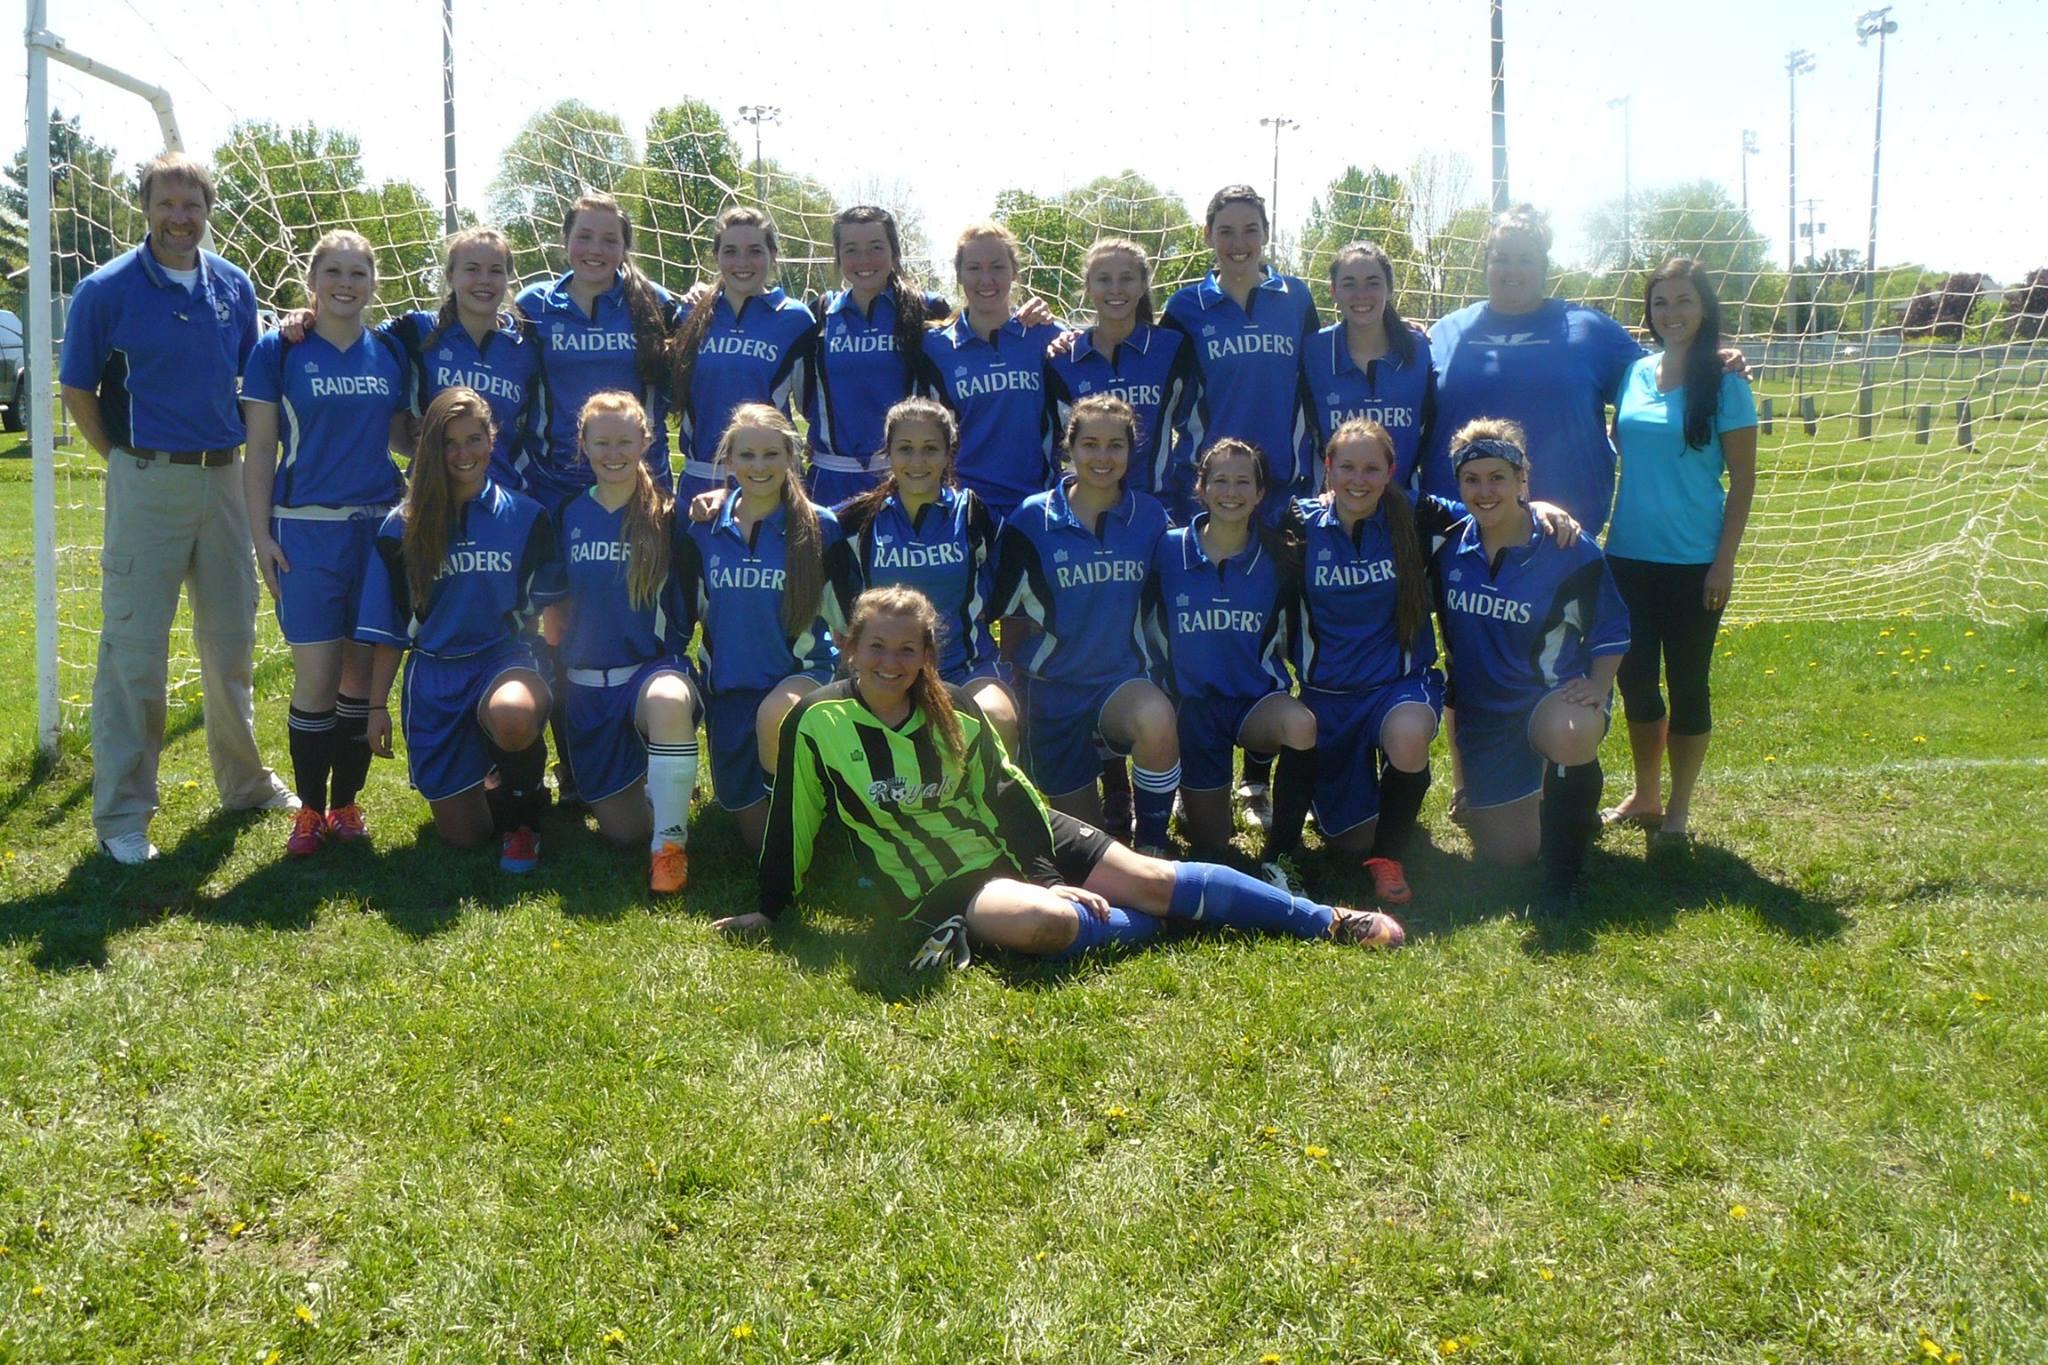 Sr. Girls Soccer Team